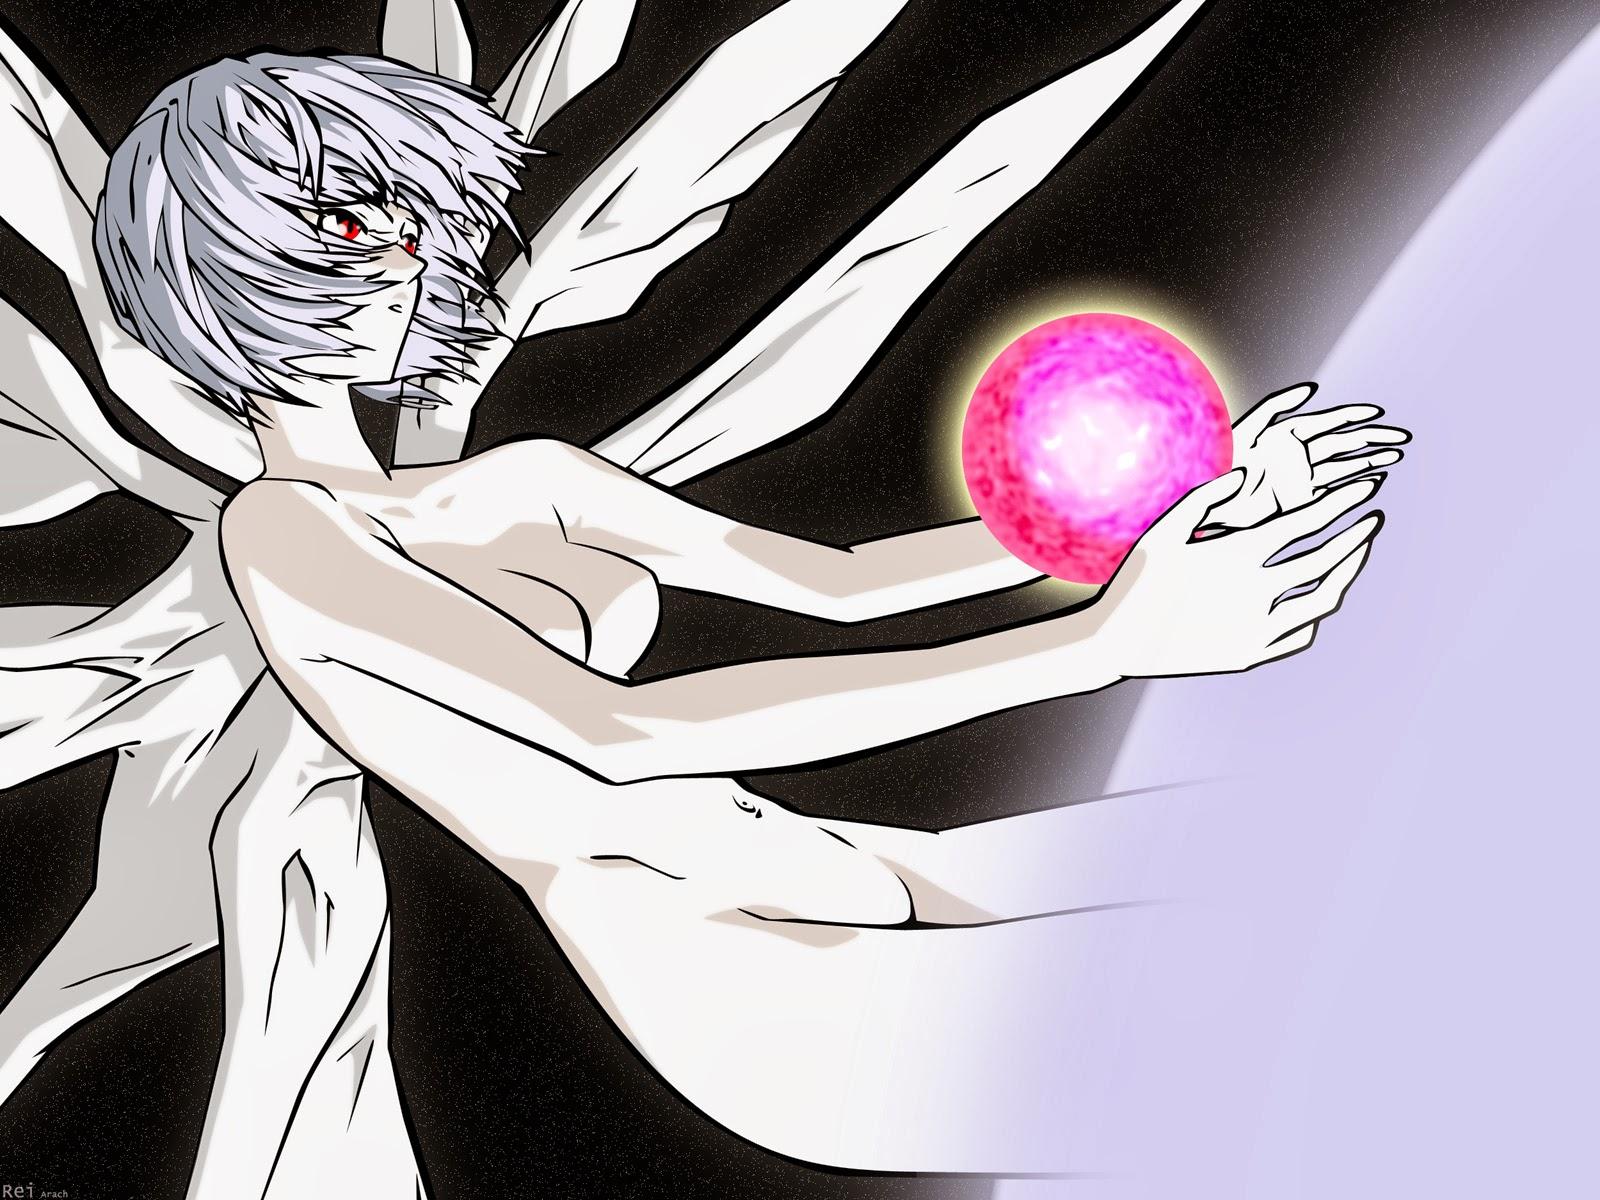 Cum share azumanga daioh nude naked asian